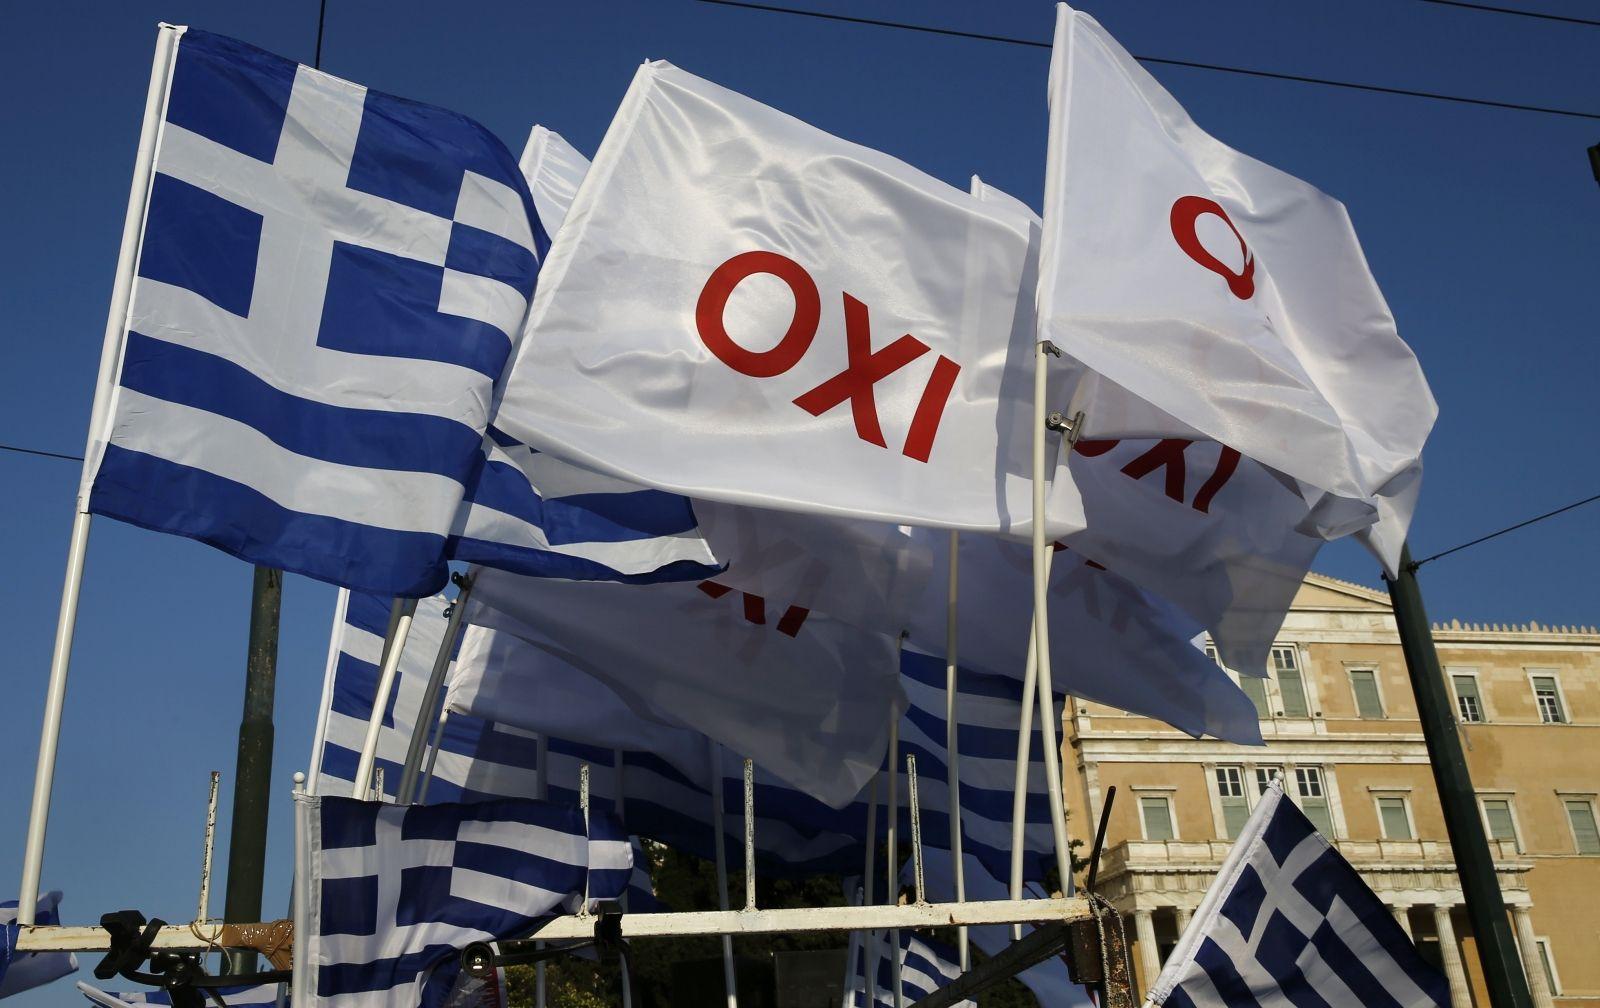 Greece OXI (NO) Flags